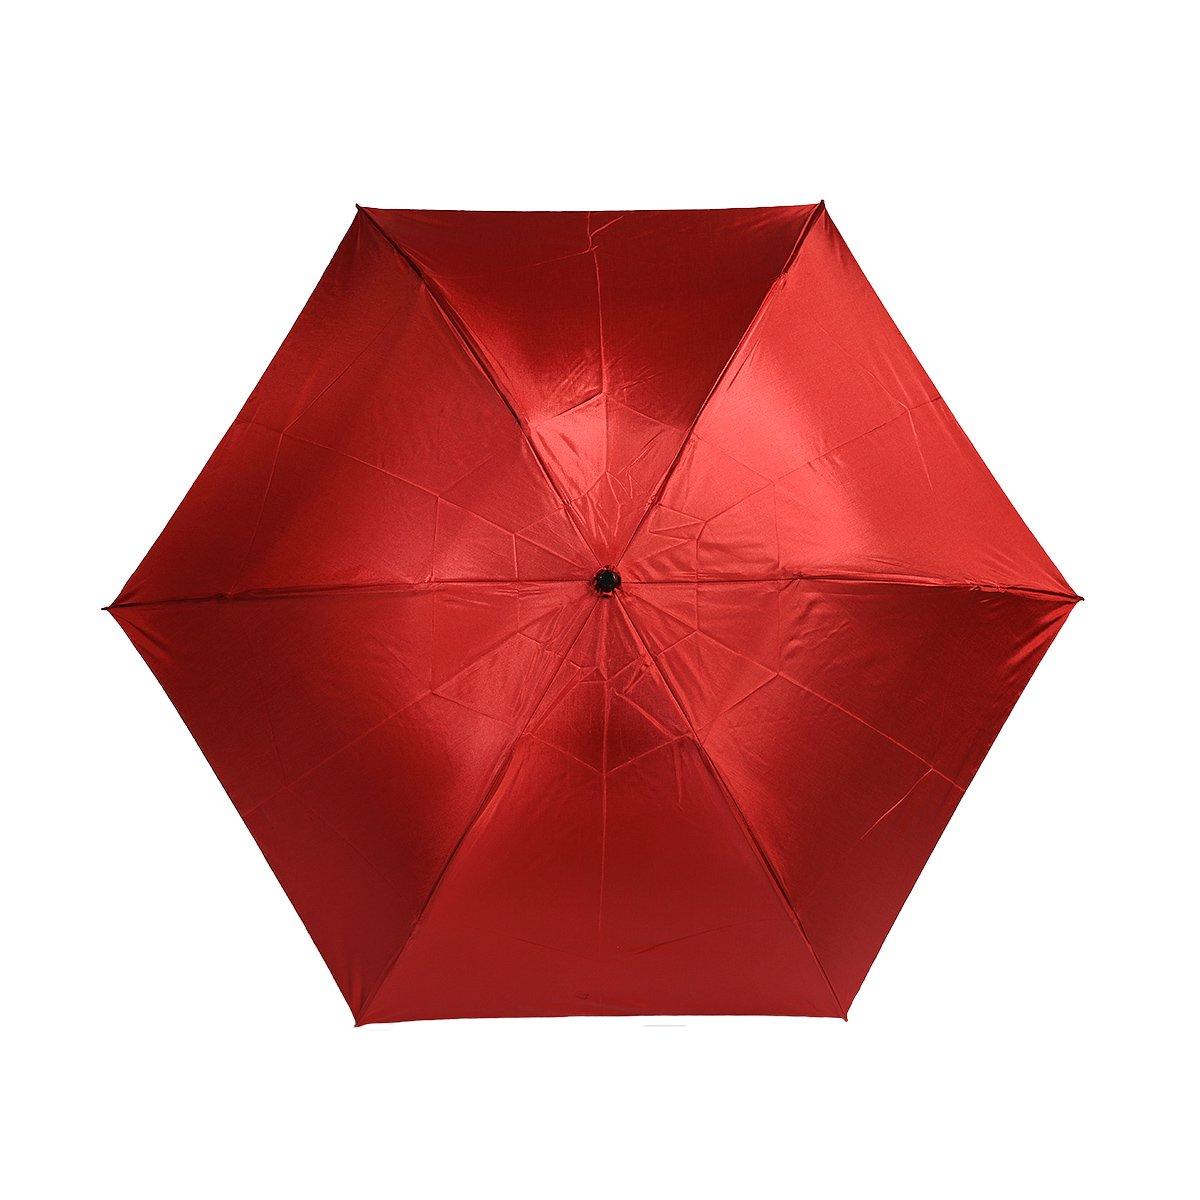 レディース 富士絹 折りたたみ傘 詳細画像7